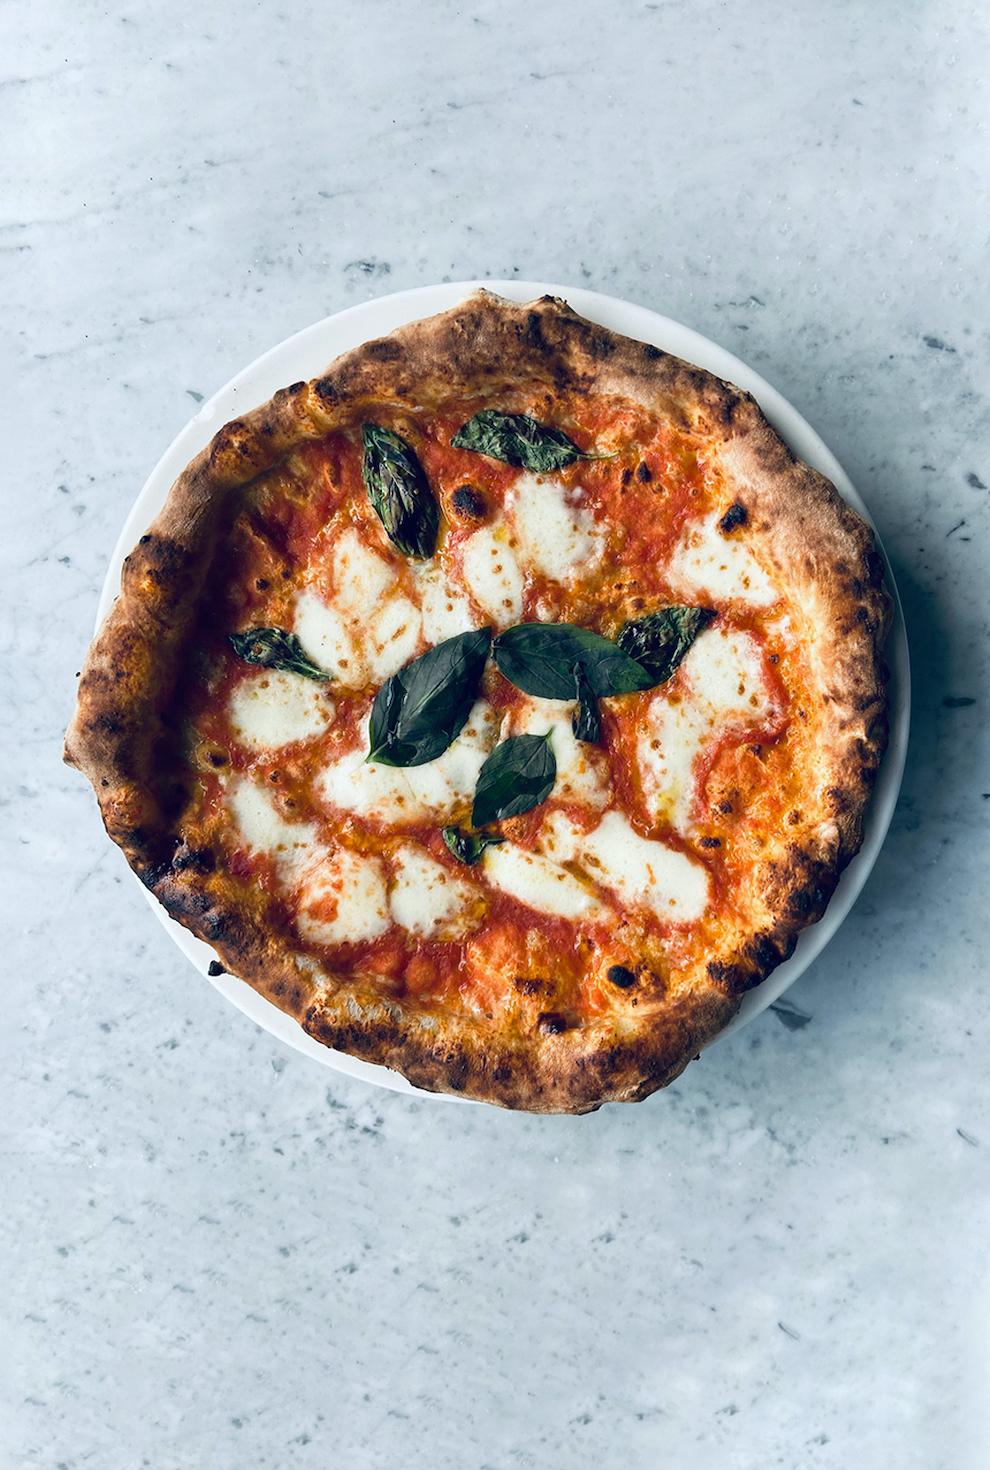 Een pizzeria die officieel is erkend voor zijn Napolitaanse pizza's is Pizza Beppe. Een leuke hotspot waar je de pizza Margherita in meerdere varianten kan bestellen. Daarnaast serveren ze hier lekkere calzone pizza, een 4 formaggi én een aantal vegan pizza's.